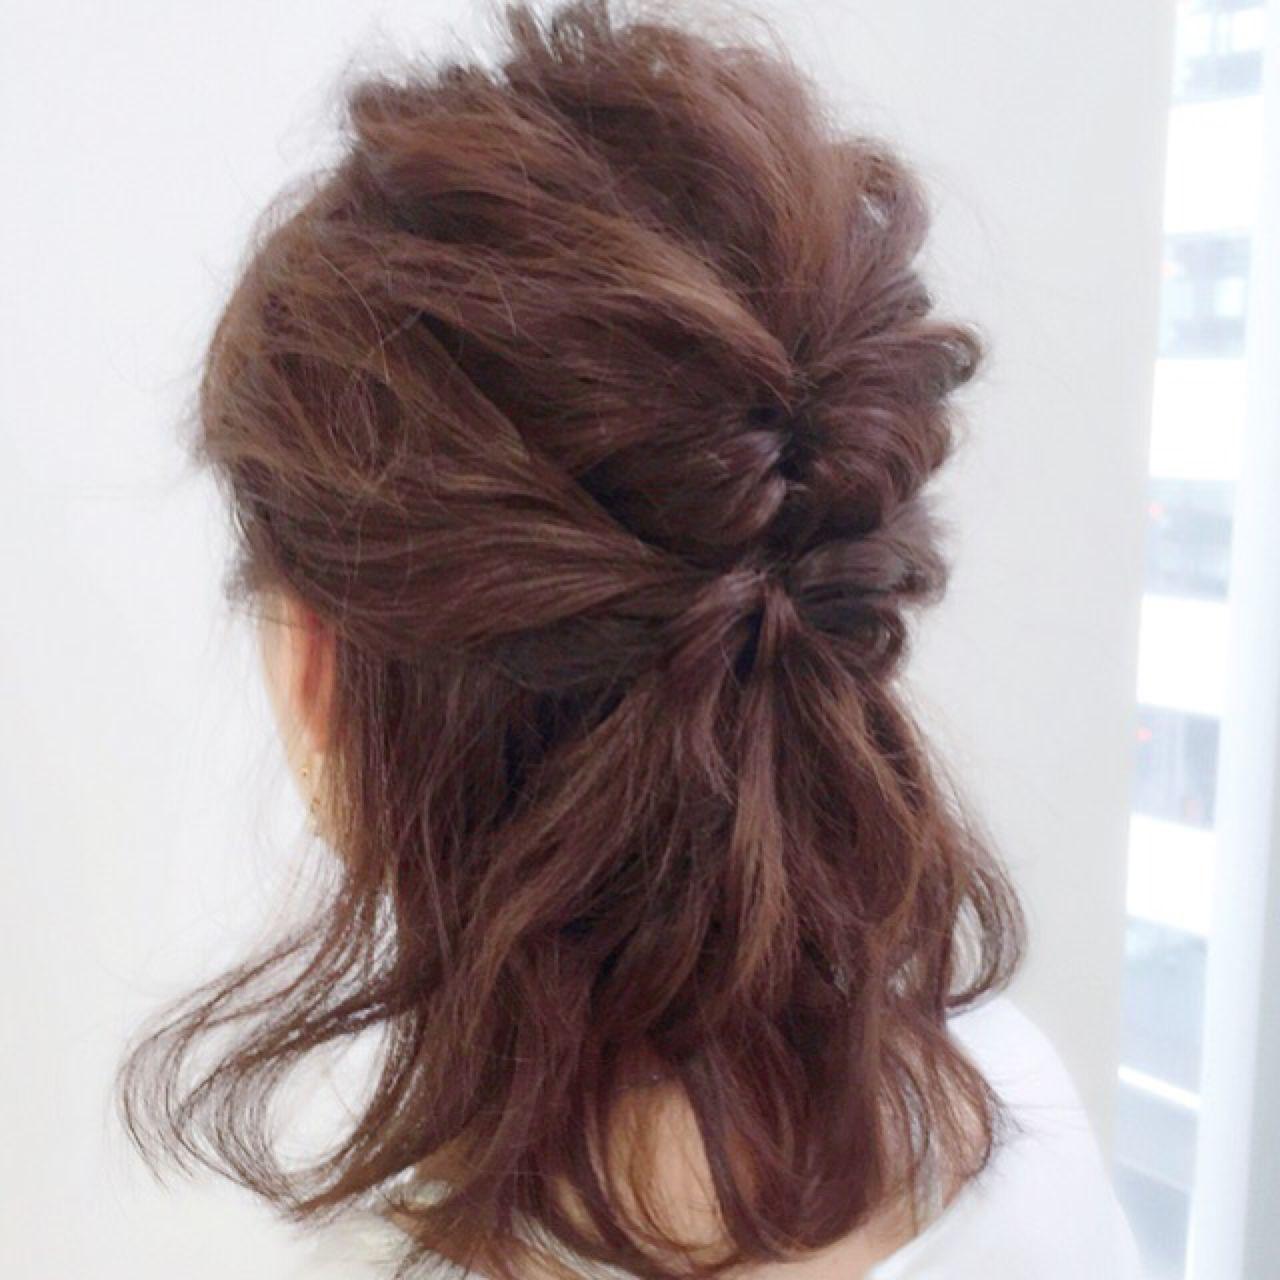 ハーフアップ モテ髪 ナチュラル ヘアアレンジ ヘアスタイルや髪型の写真・画像